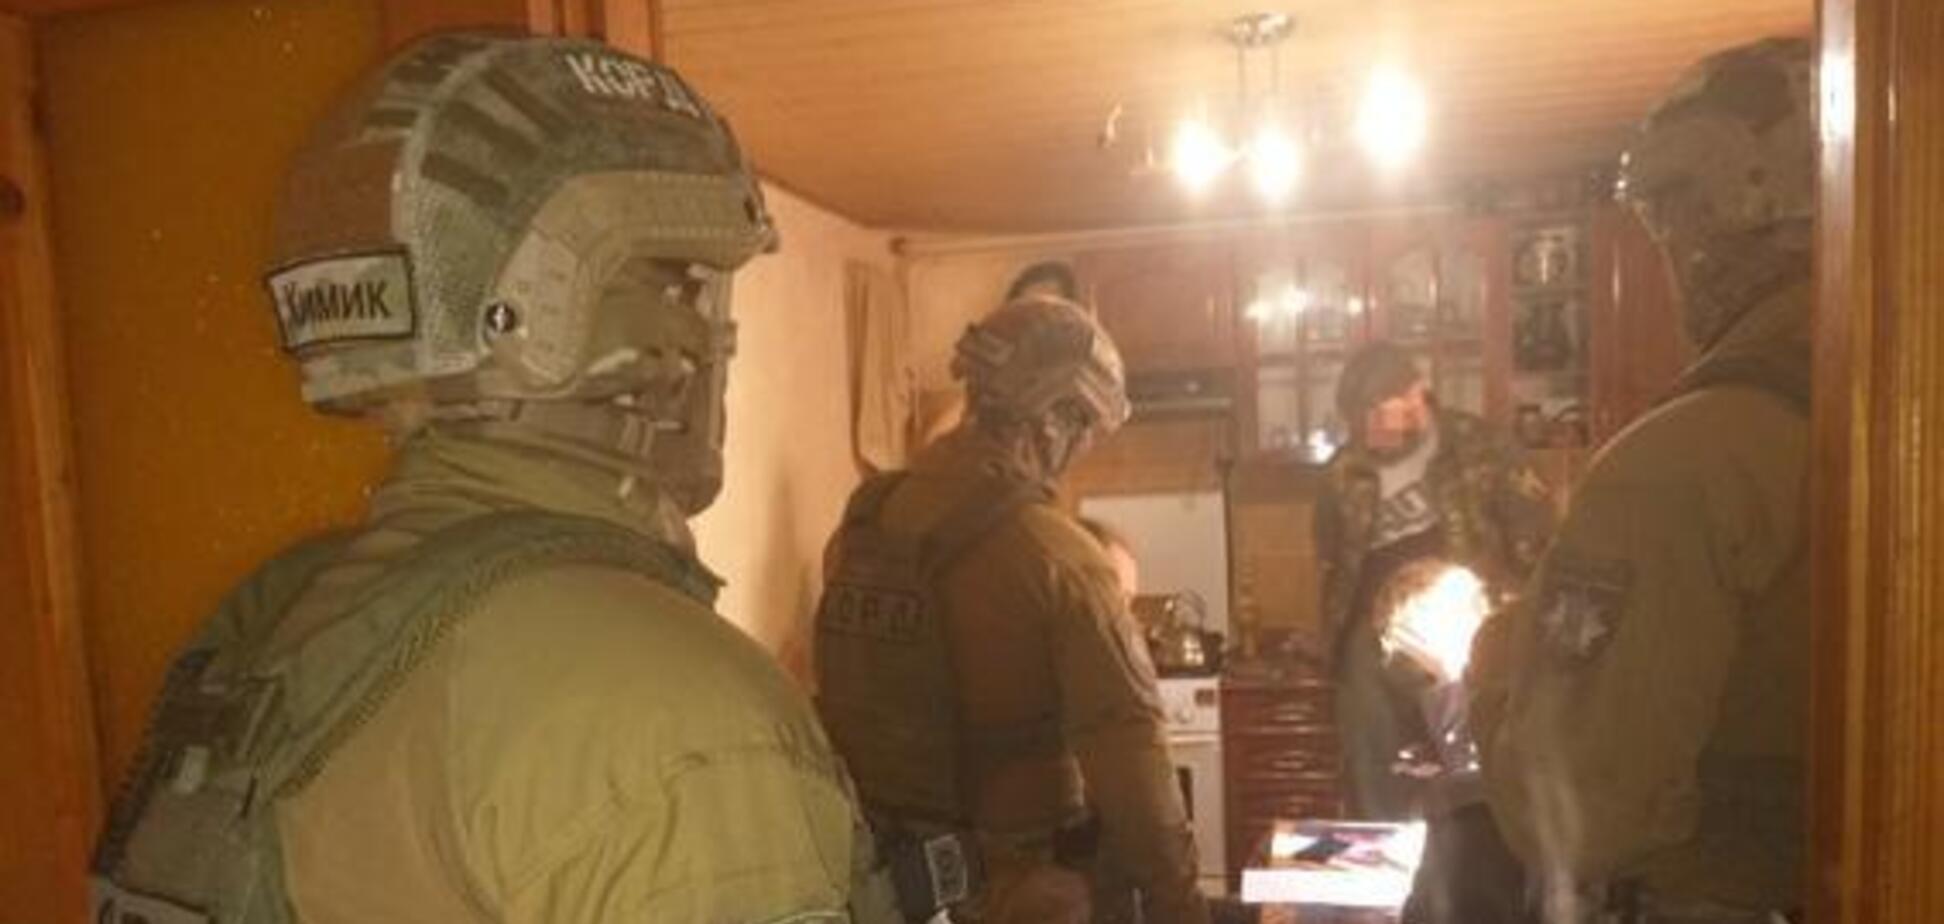 Похищали людей и требовали выкуп: в Николаеве поймали главаря и 'правую руку' опасной банды